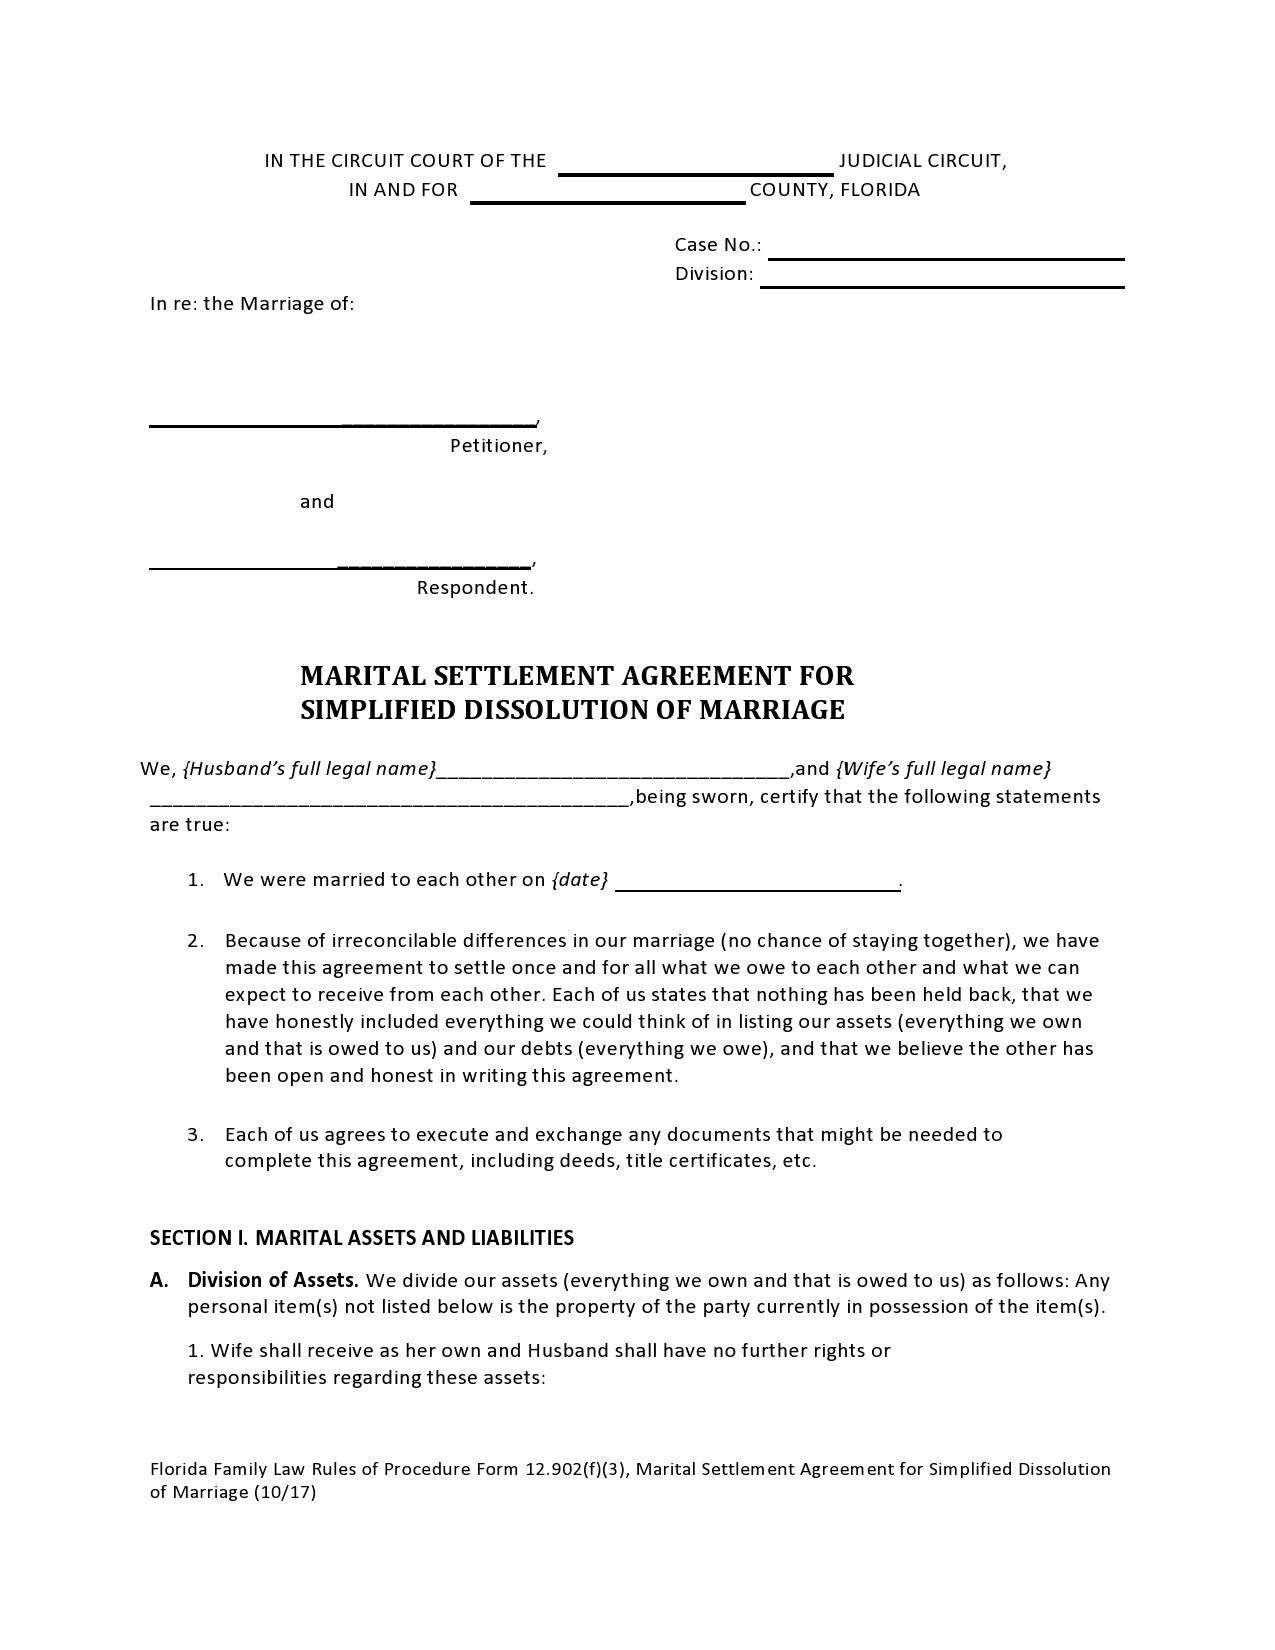 Free marital settlement agreement 07